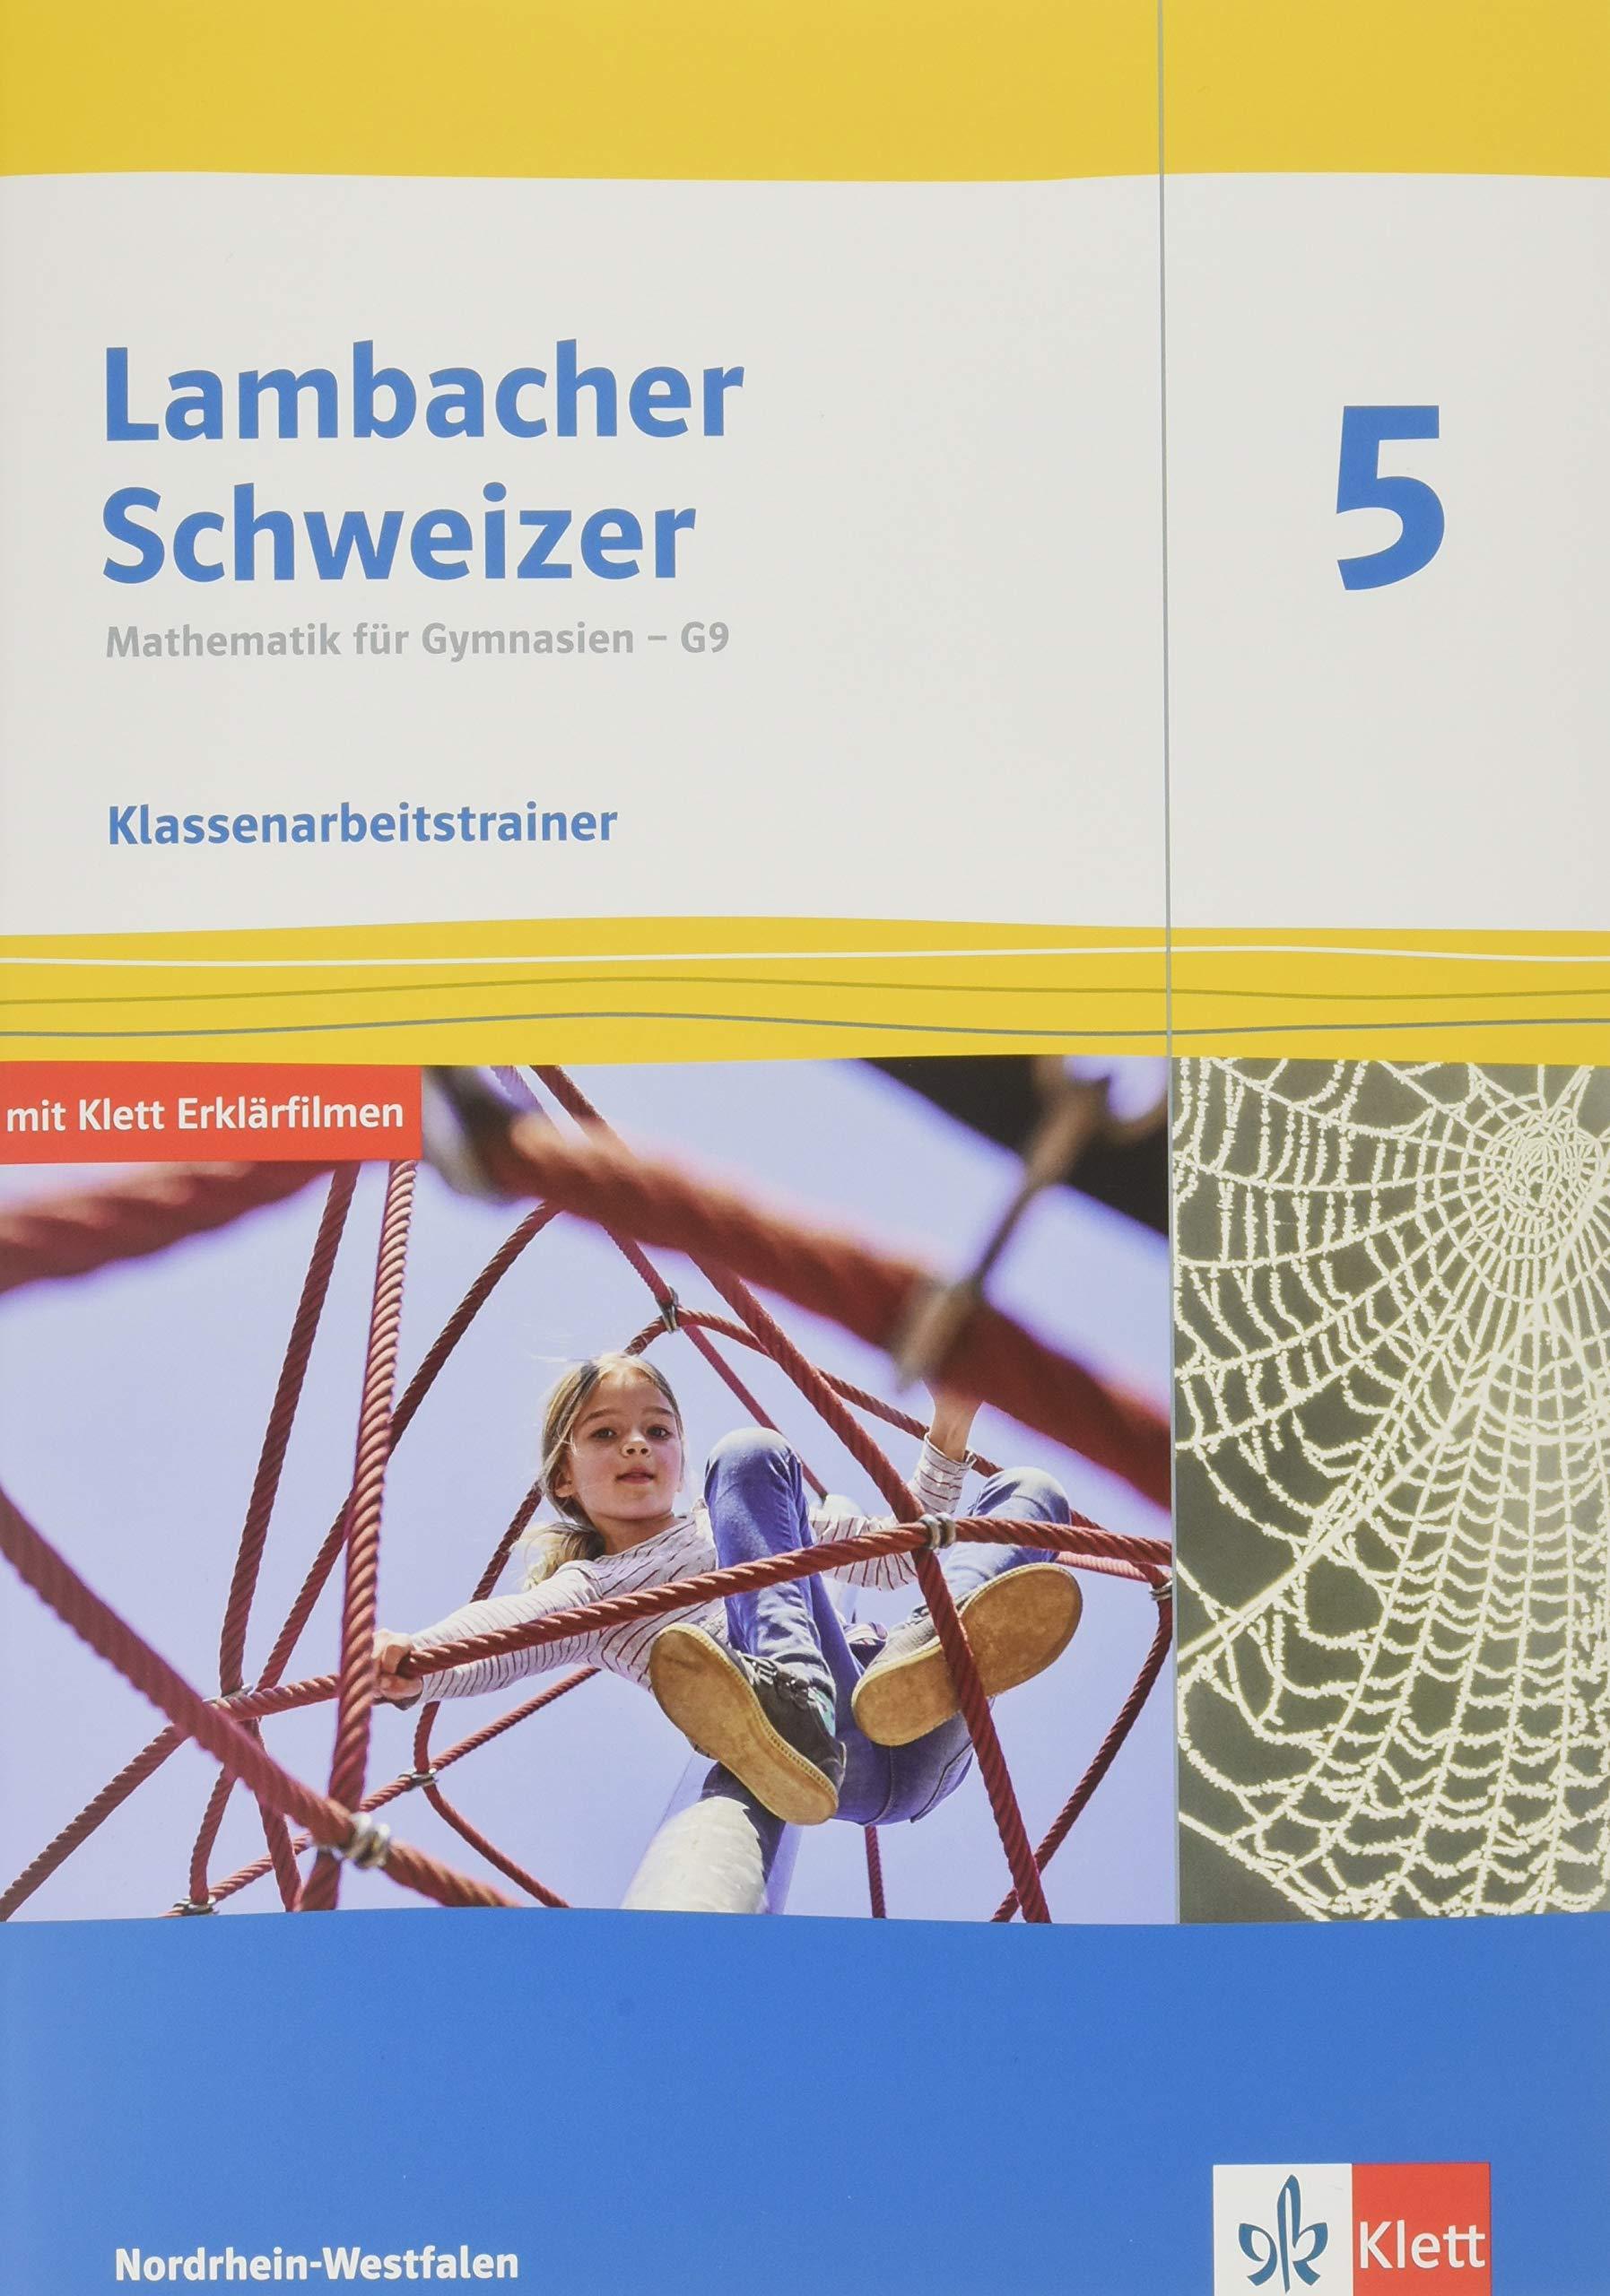 Lambacher Schweizer Mathematik 5   G9. Ausgabe Nordrhein Westfalen  Klassenarbeitstrainer. Schülerheft Mit Lösungen Klasse 5  Lambacher Schweizer ... G9. Ausgabe Für Nordrhein Westfalen Ab 2019